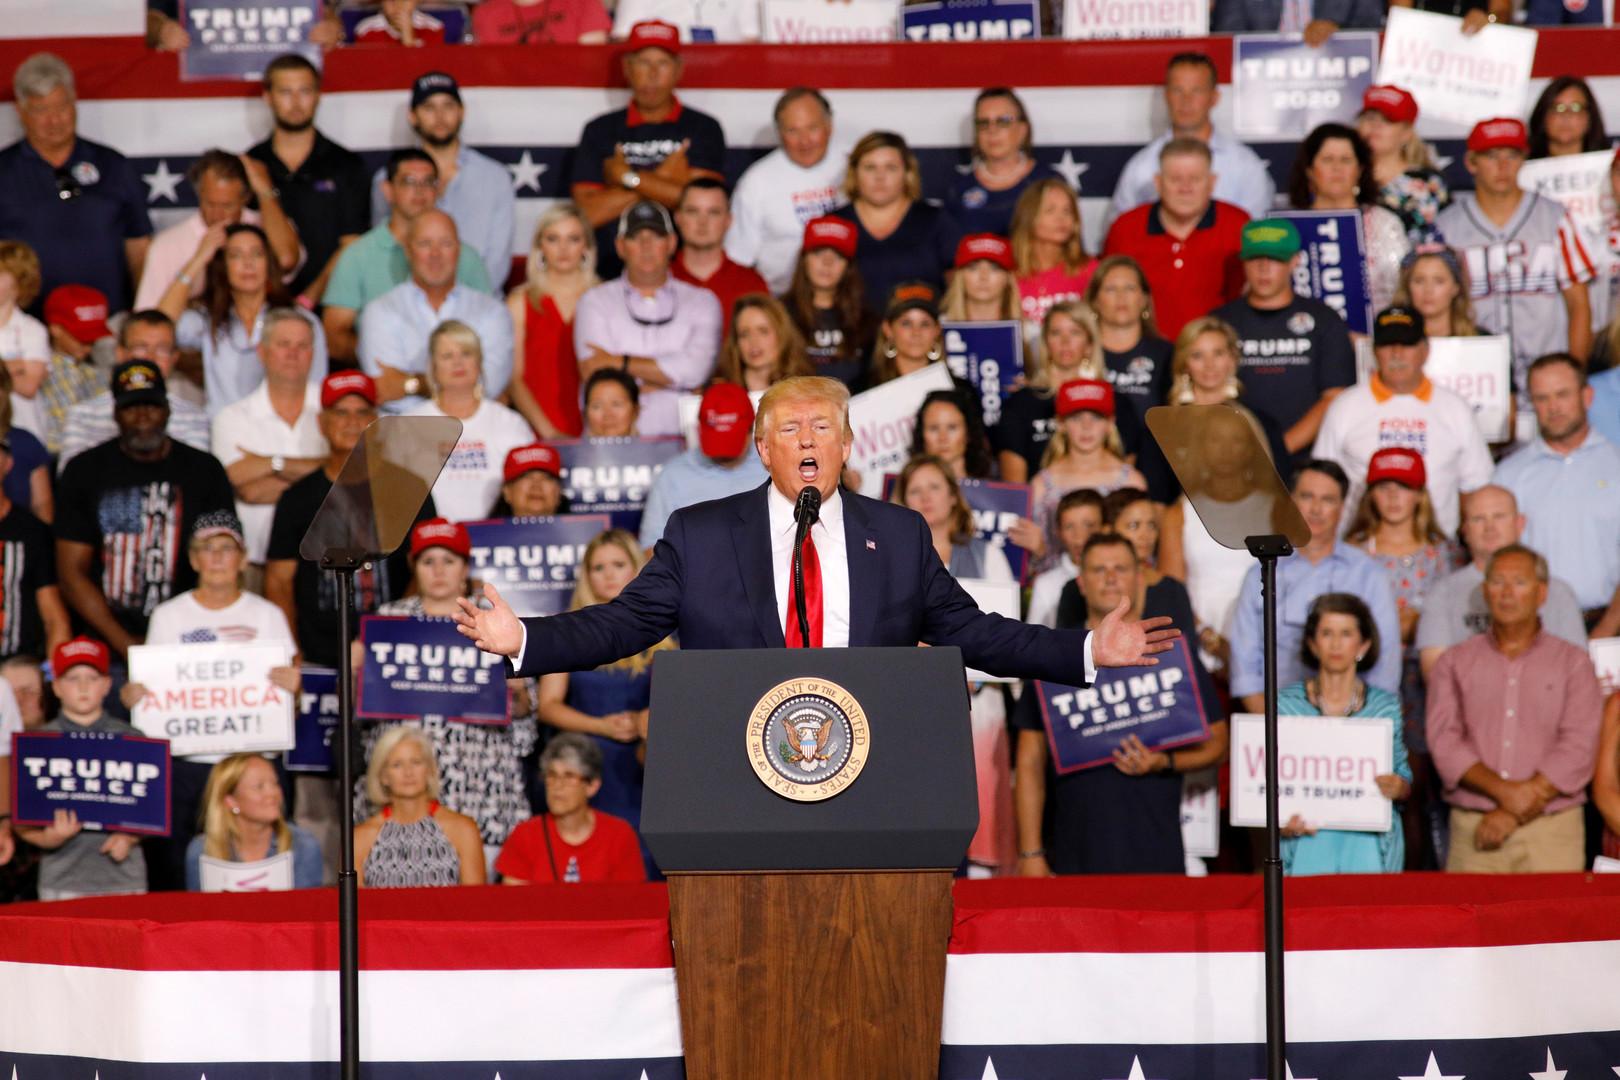 ترامب يسخر هجومه على الديمقراطيات في حملته الانتخابية